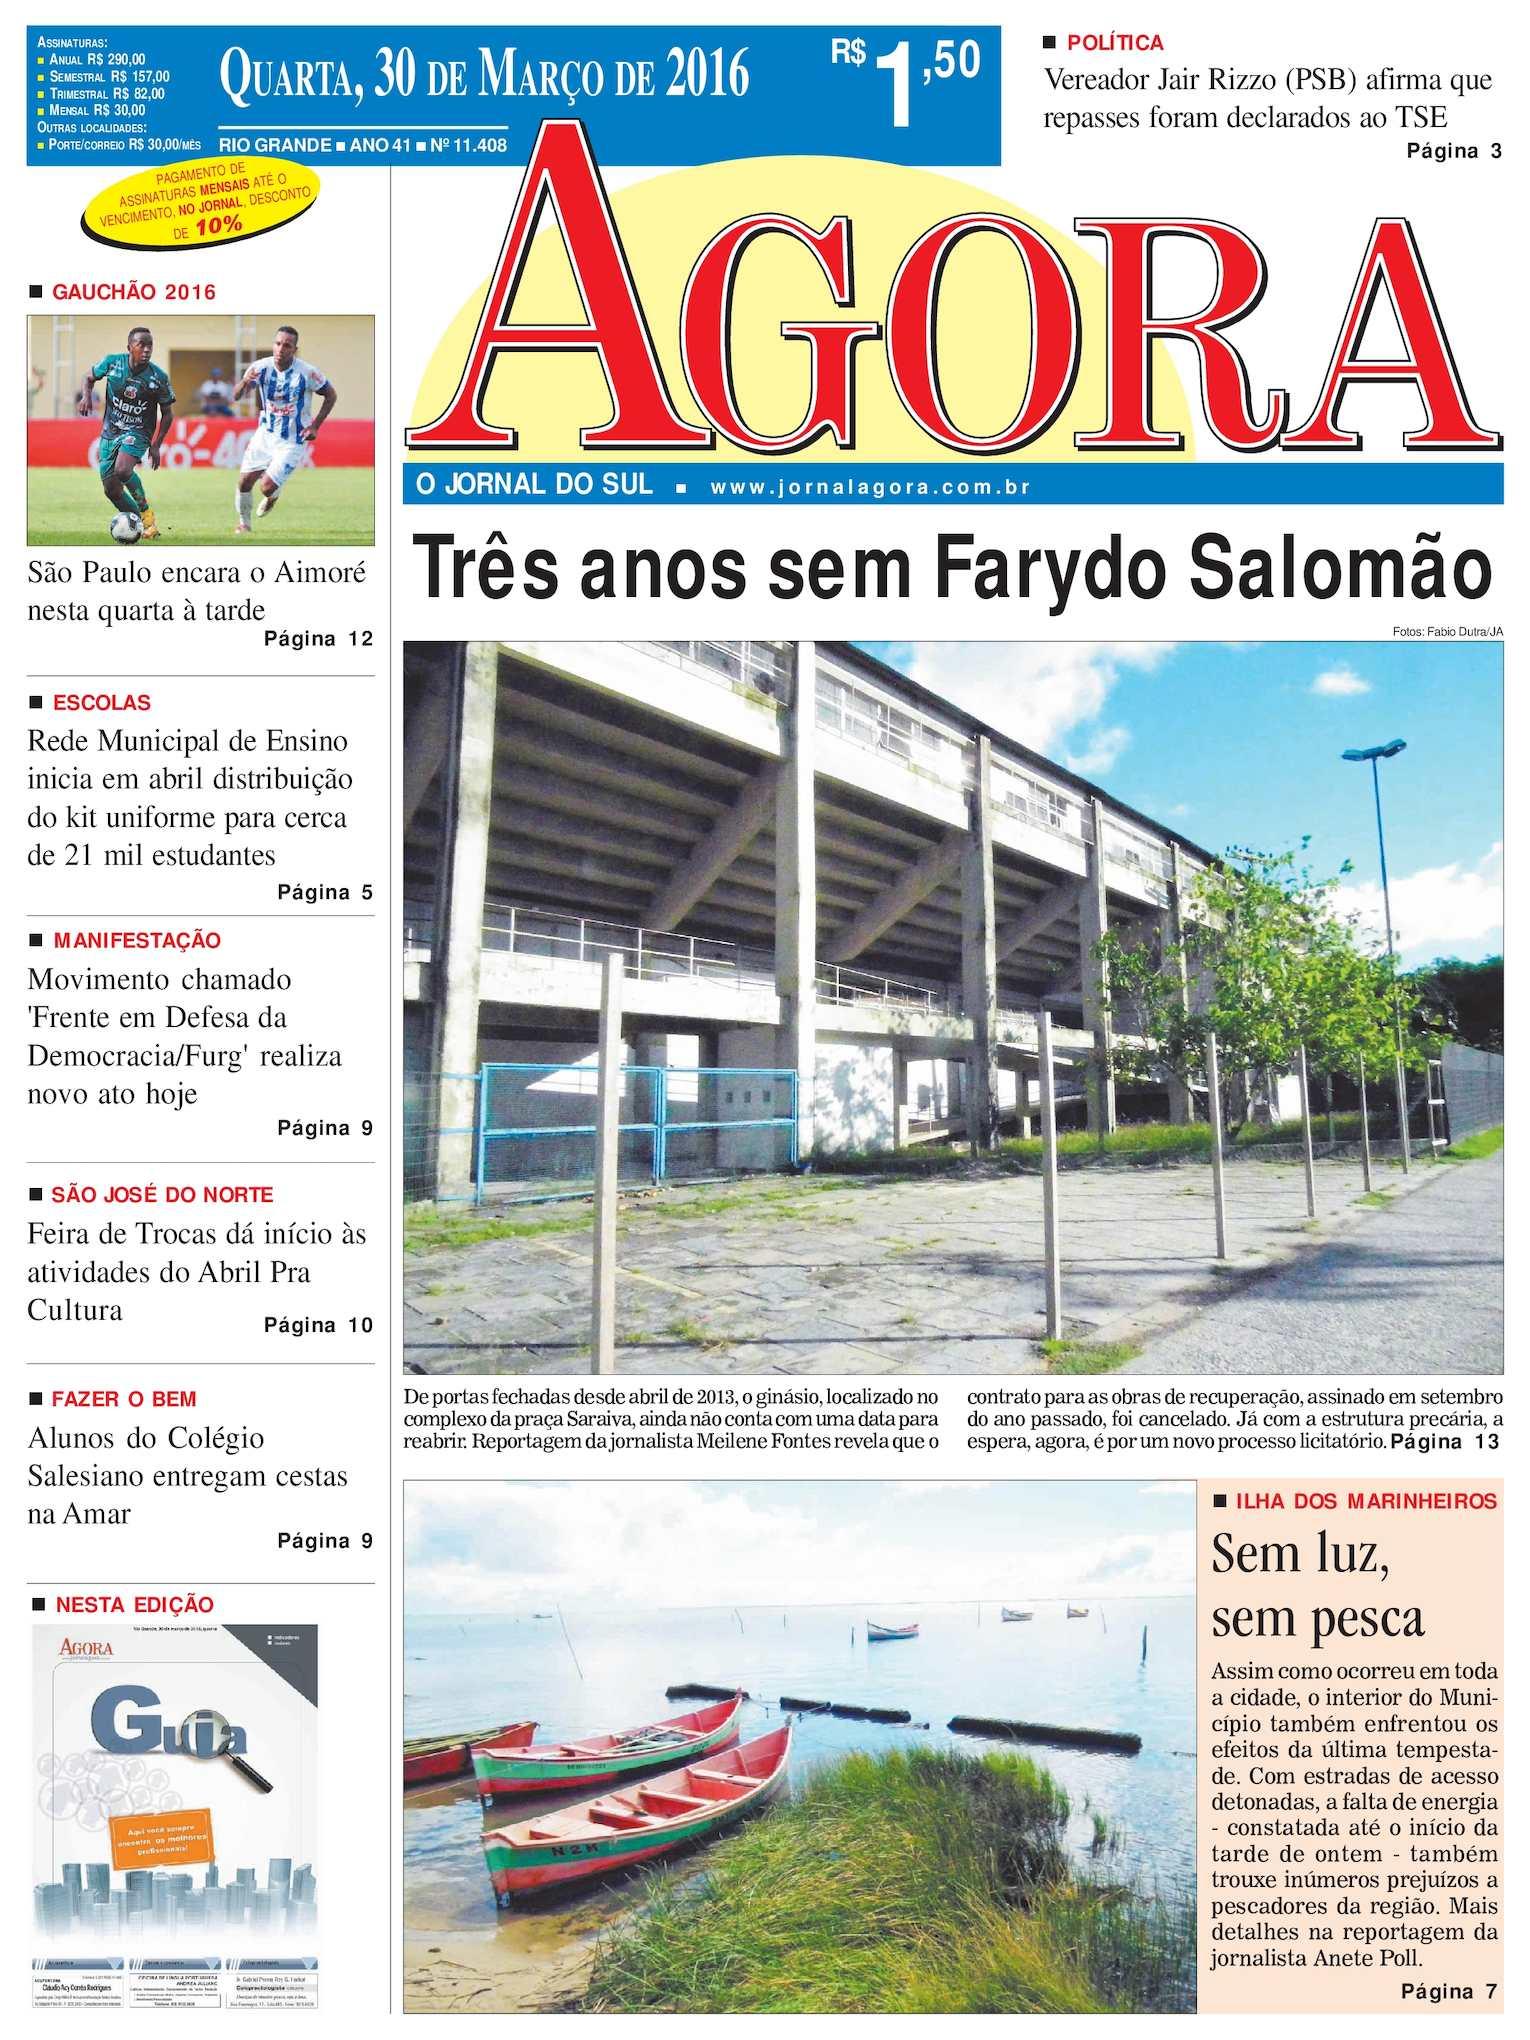 Calaméo - Jornal Agora - Edição 11408 - 30 de Março de 2016 ccecdc28df55a